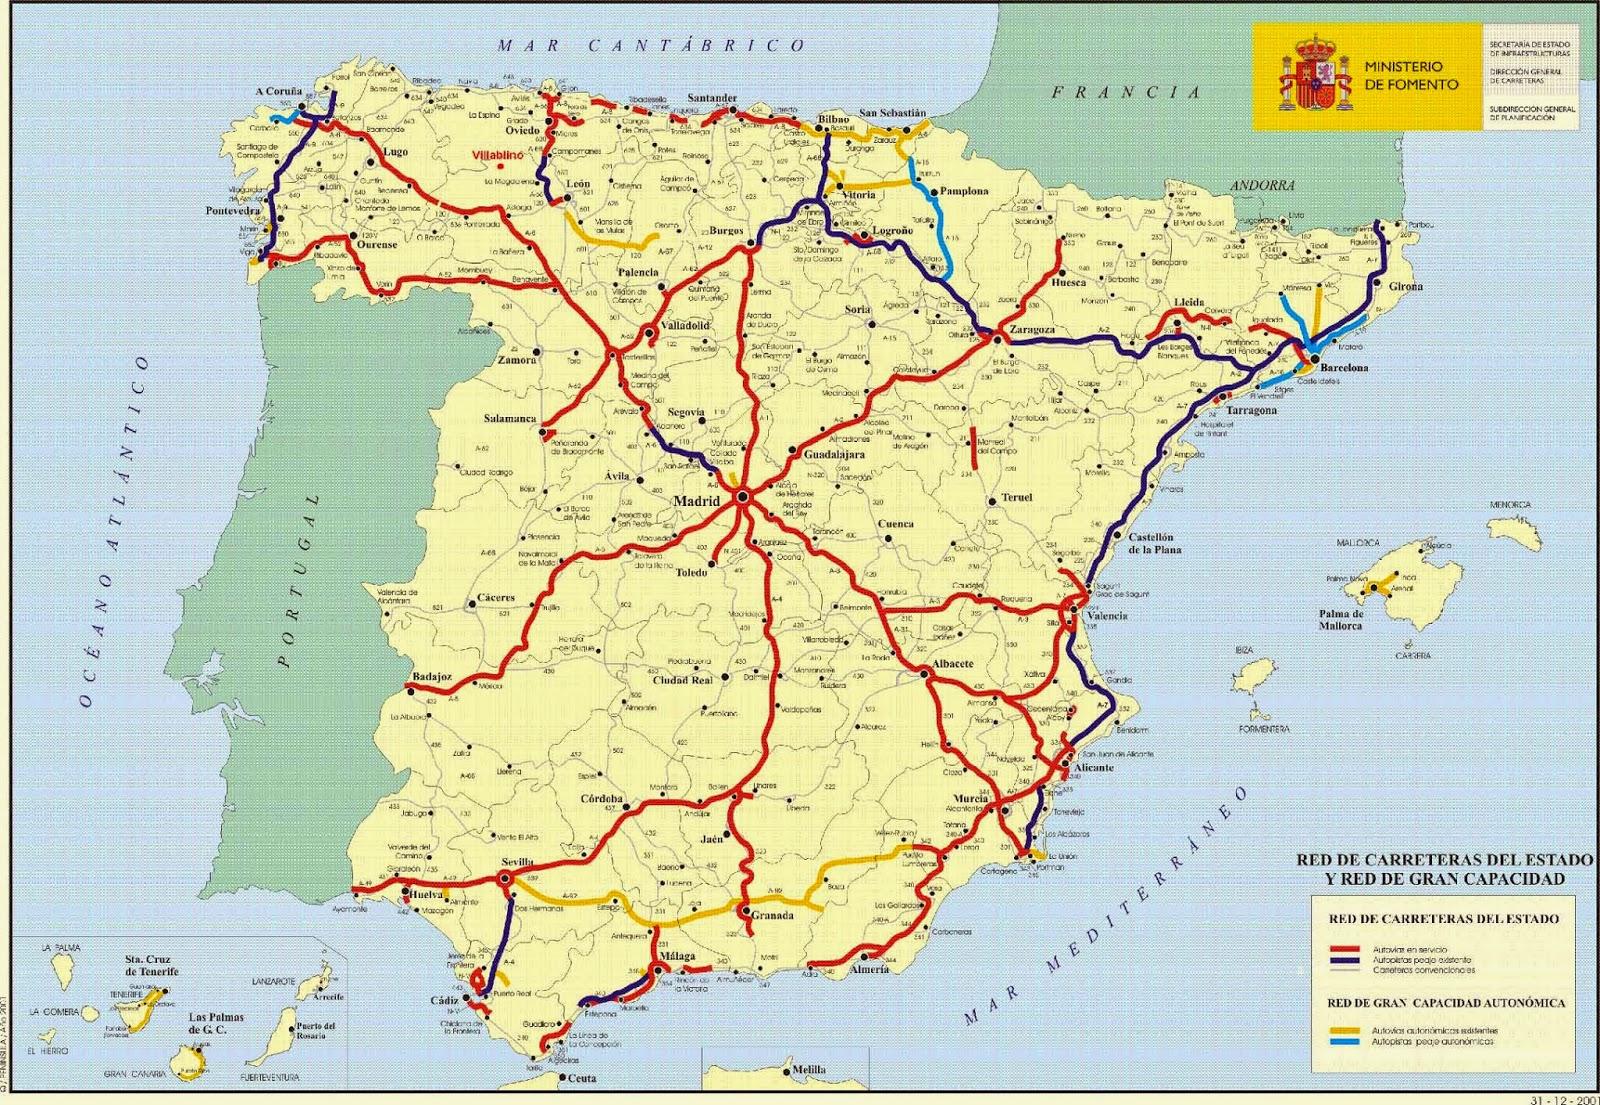 Mapa De España Carreteras.Conectandoeduca Comentario Del Mapa De La Red De Carreteras